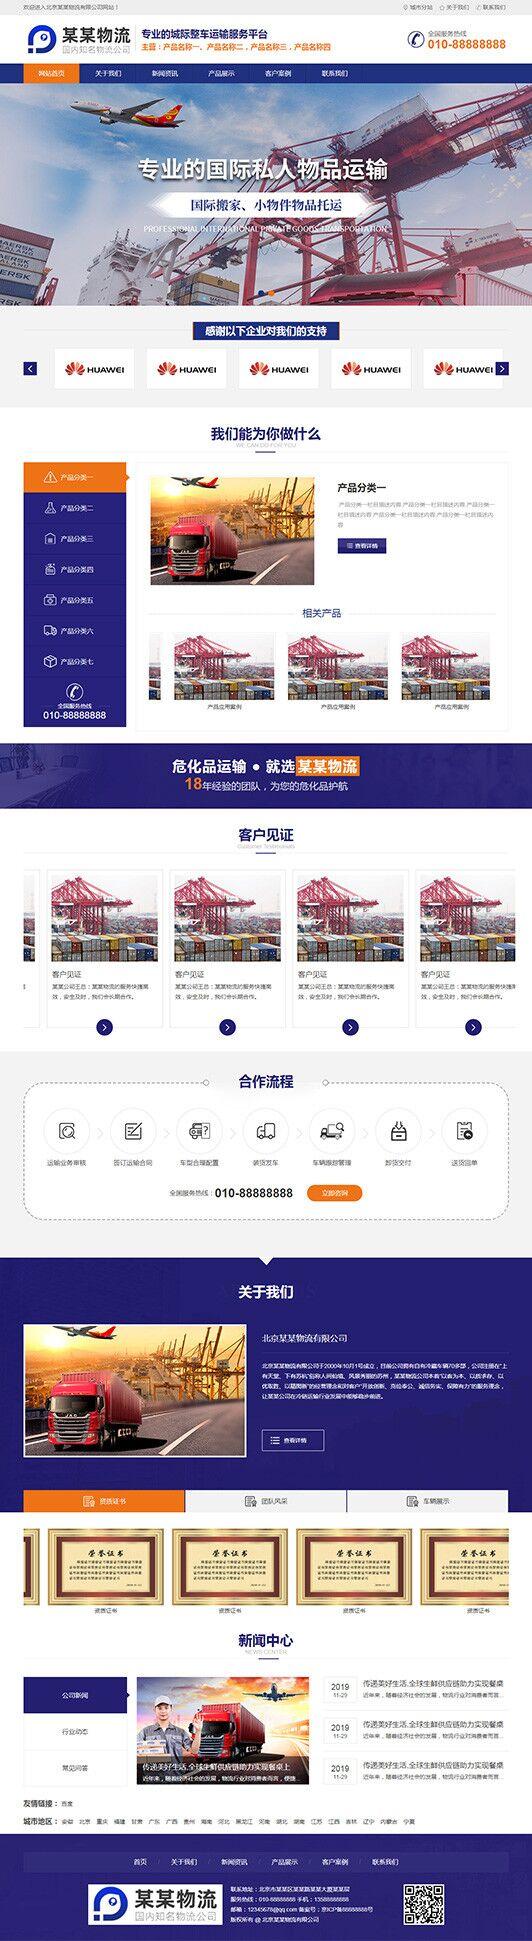 物流运输公司网站通用普通模板